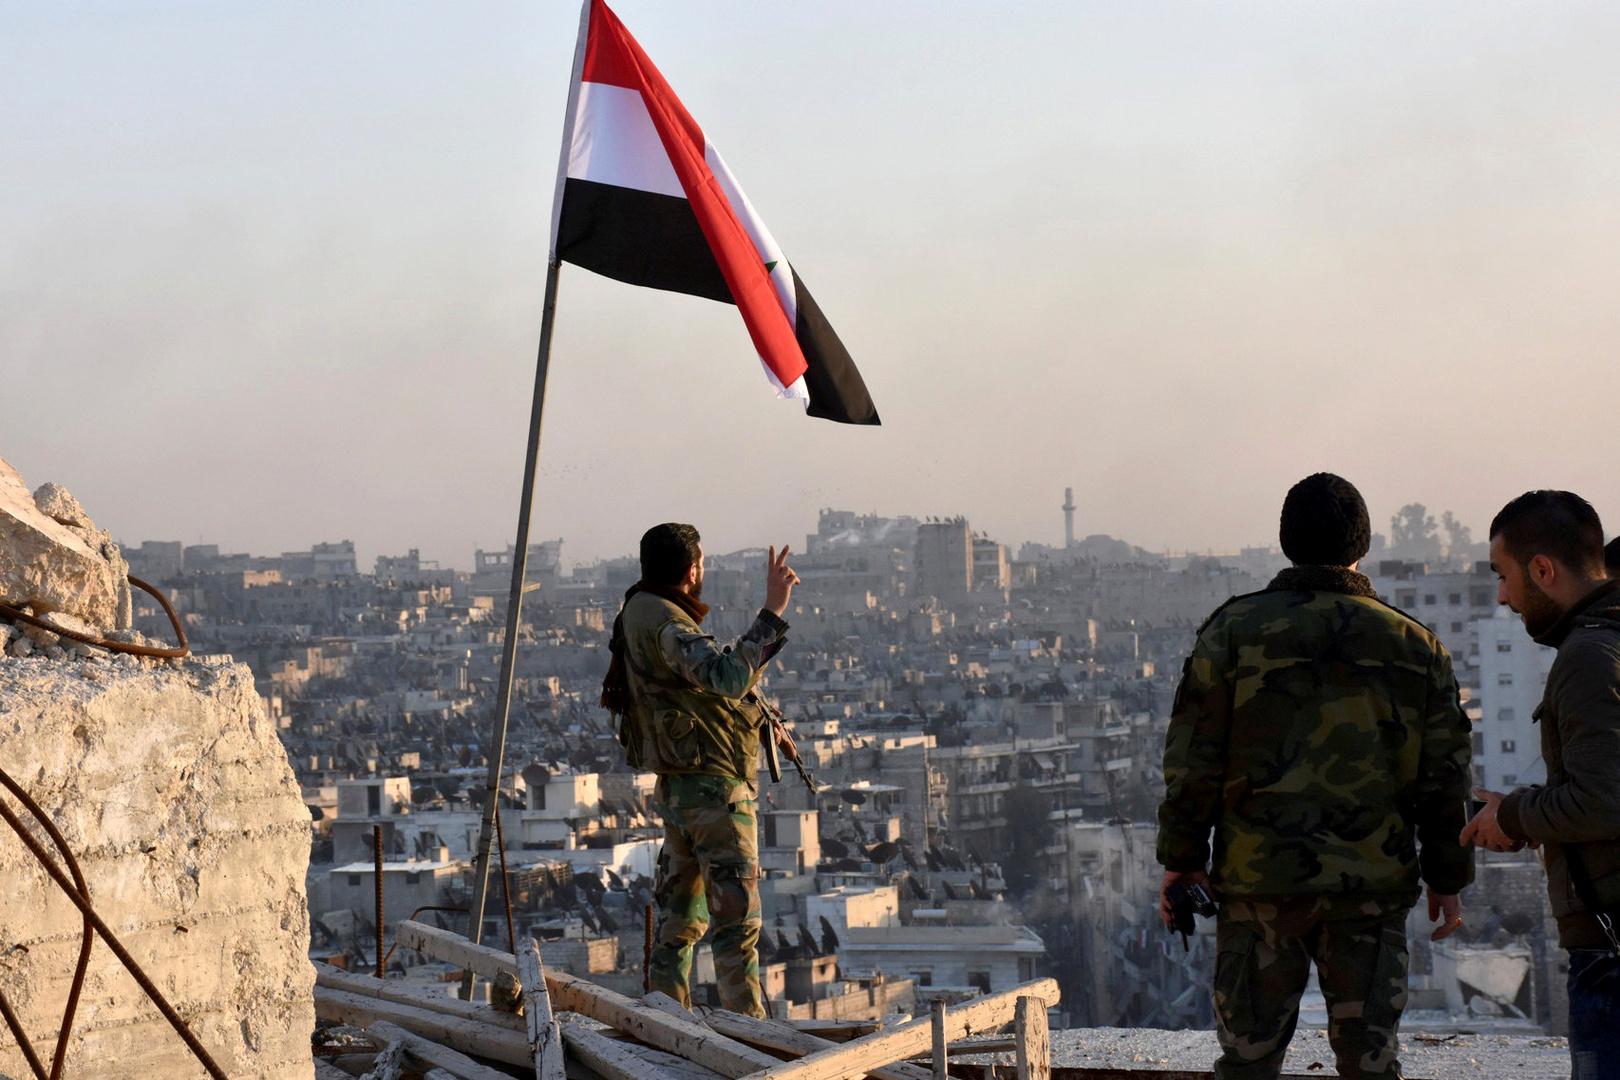 دمشق: تحرير 3 قرى جديدة في ريف حلب وسط انهيار بين الإرهابيين